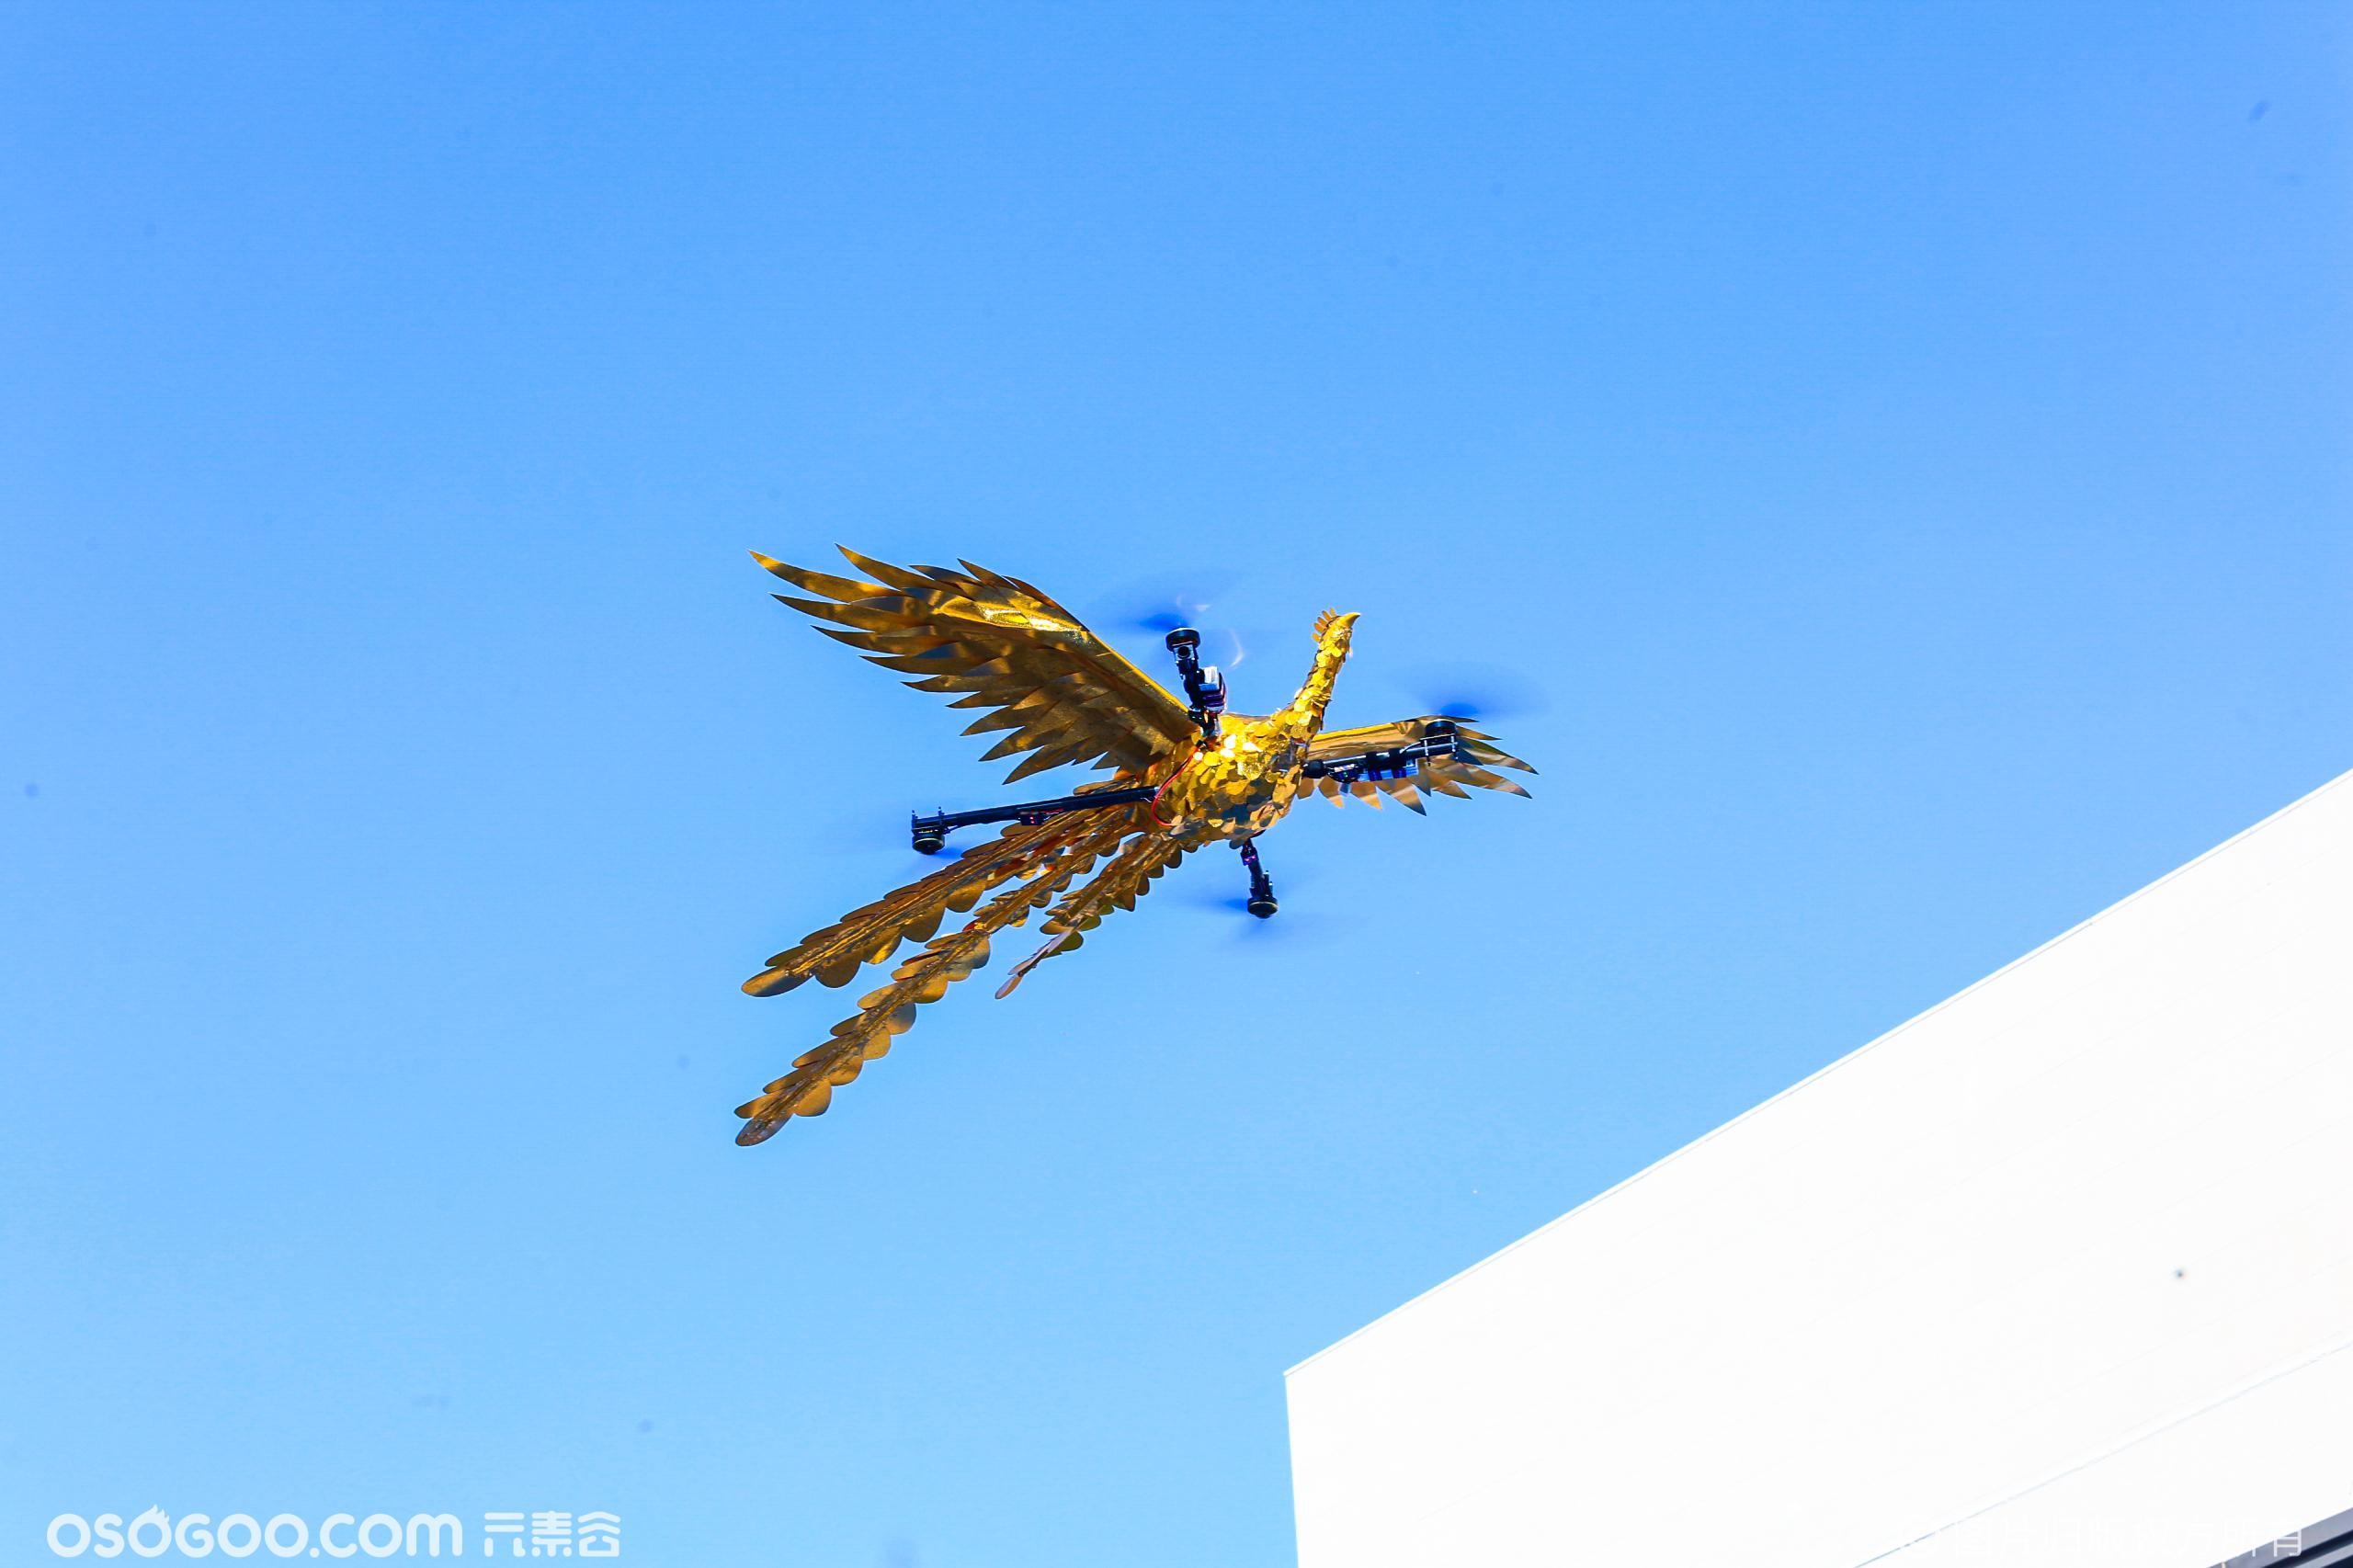 郑州蓝城 凤起潮鸣-凤凰无人机